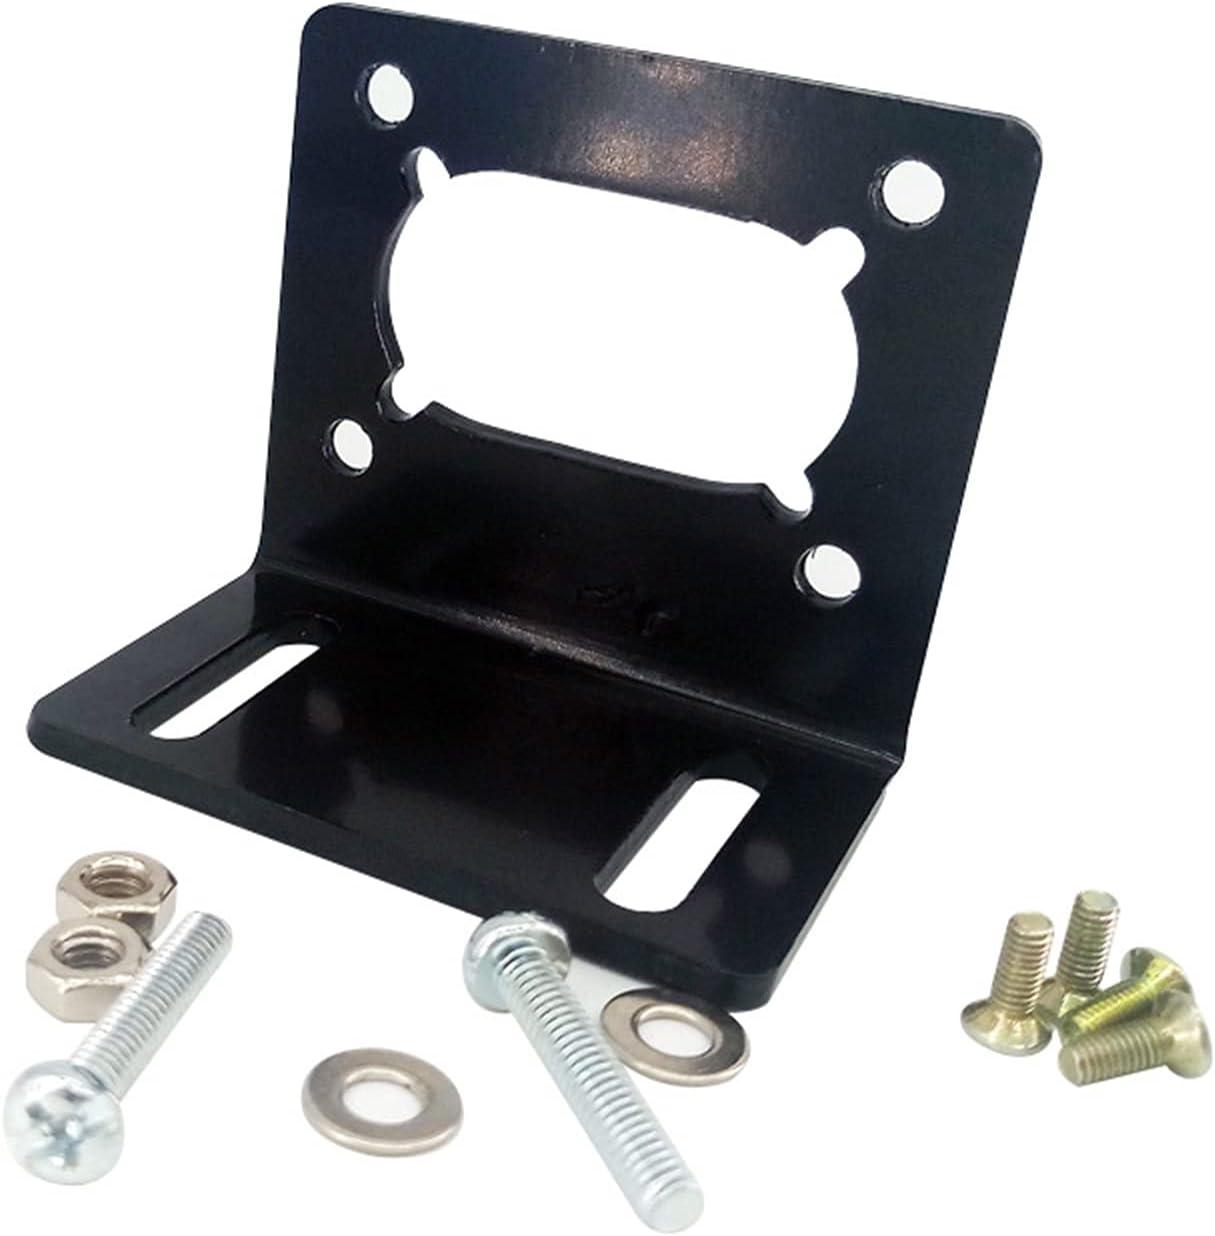 Bracket bracket Worm motor L Fashion Mounting base Metal Shaped Limited price